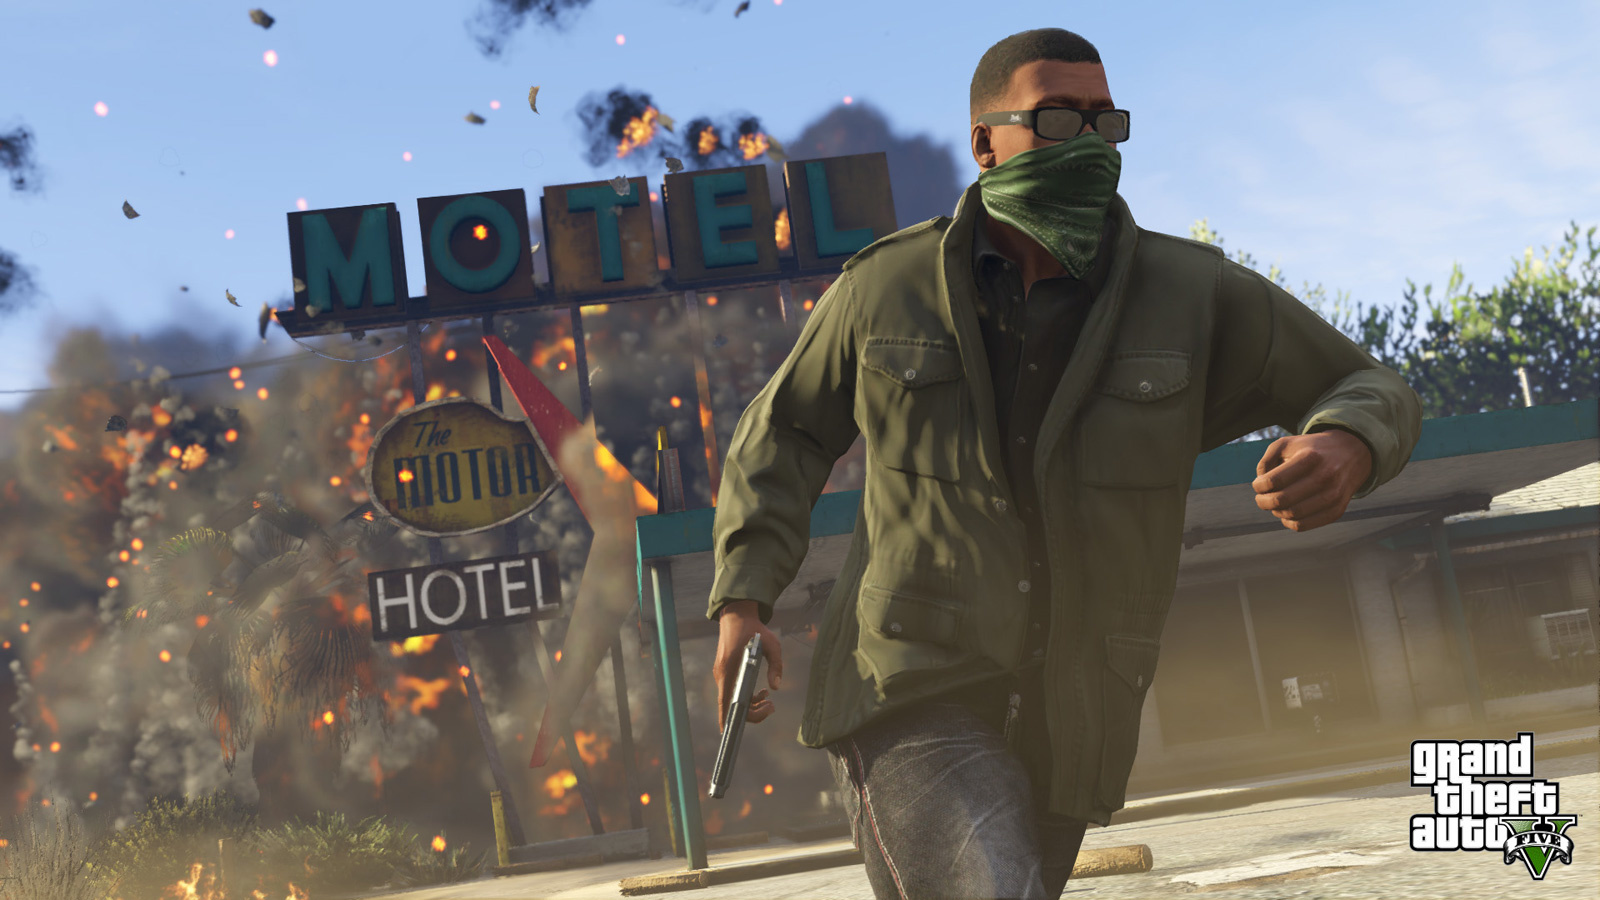 A GTA player runs away from an explosion